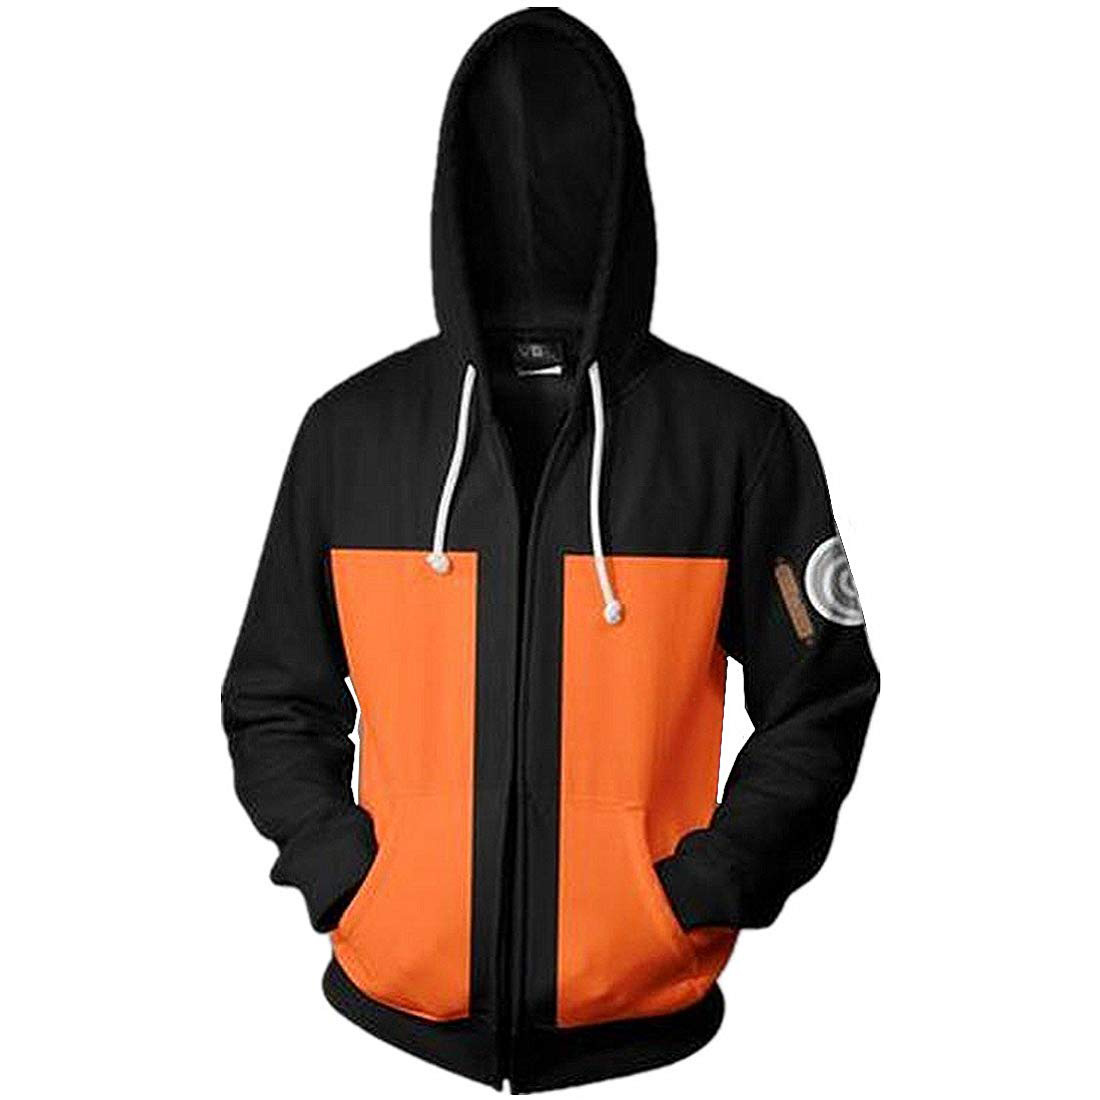 2019 Fashion Unsiex Sweatshirt Hoodies Men Women Hoodie Cosplay Streetwear Tracksuit Zipper Hoody Comfortable SA-8